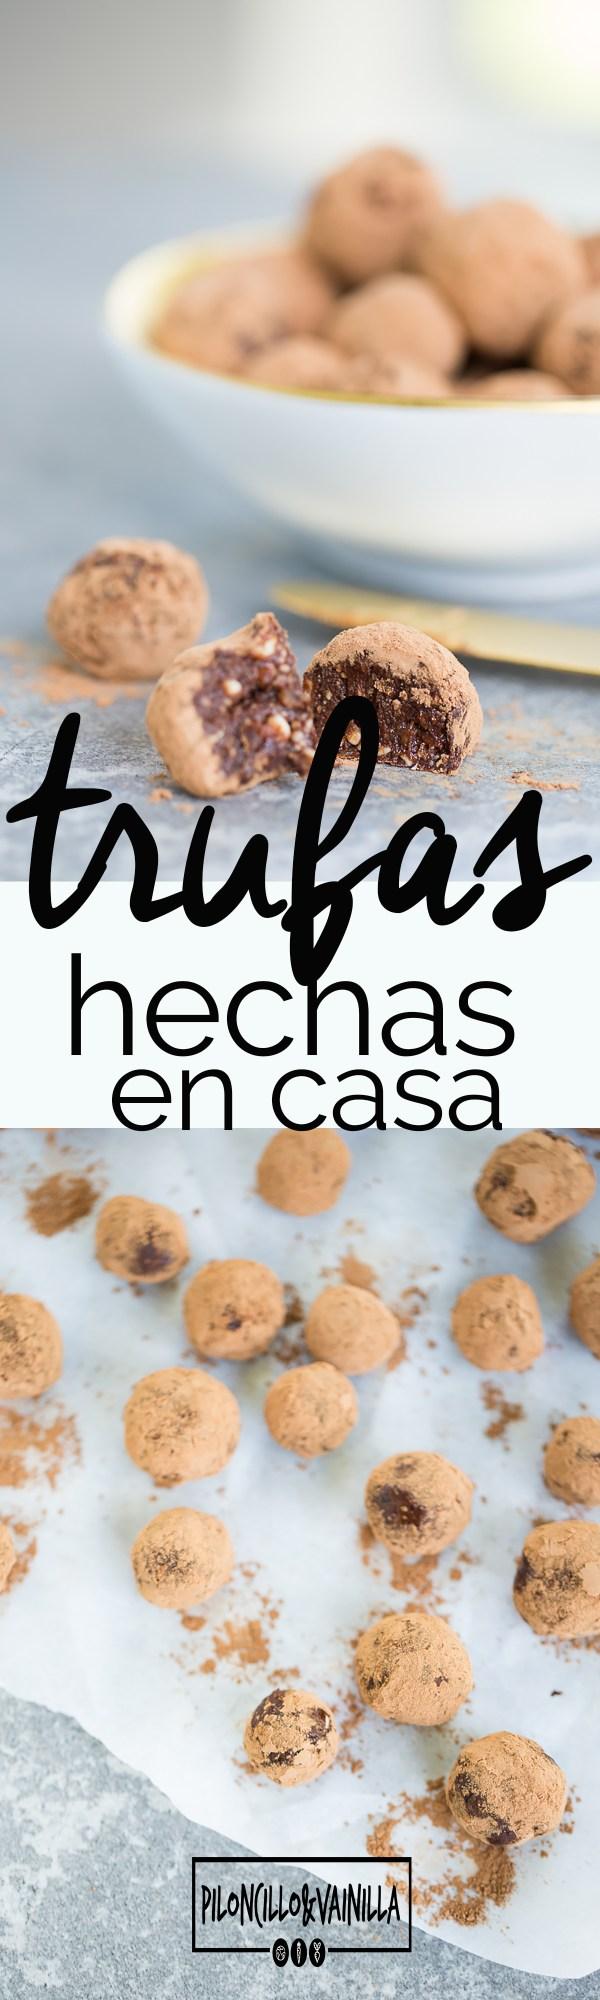 Trufas hechas en casa de chocolate, almendars y dátiles hechas en casa en menos de 15 minutos. Son perfectas para satisfacer ese antojito dulce de la tarde.